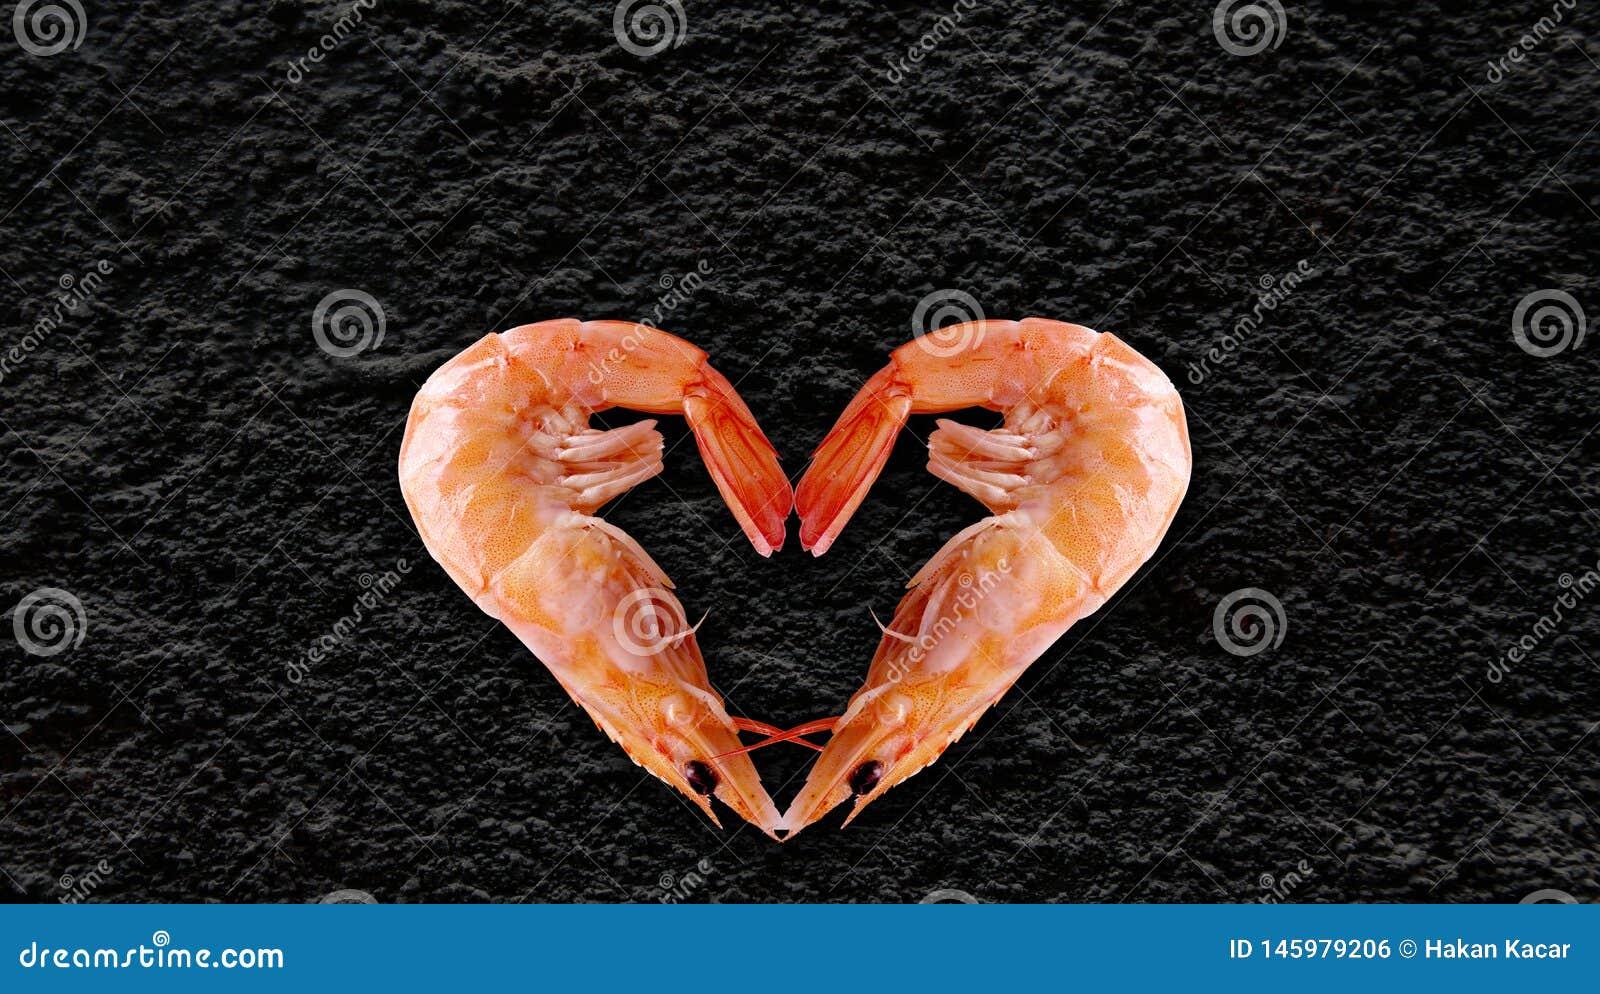 Os produtos do mar, coração deram forma ao camarão, fundo preto no de volta a para escrever seu artigo